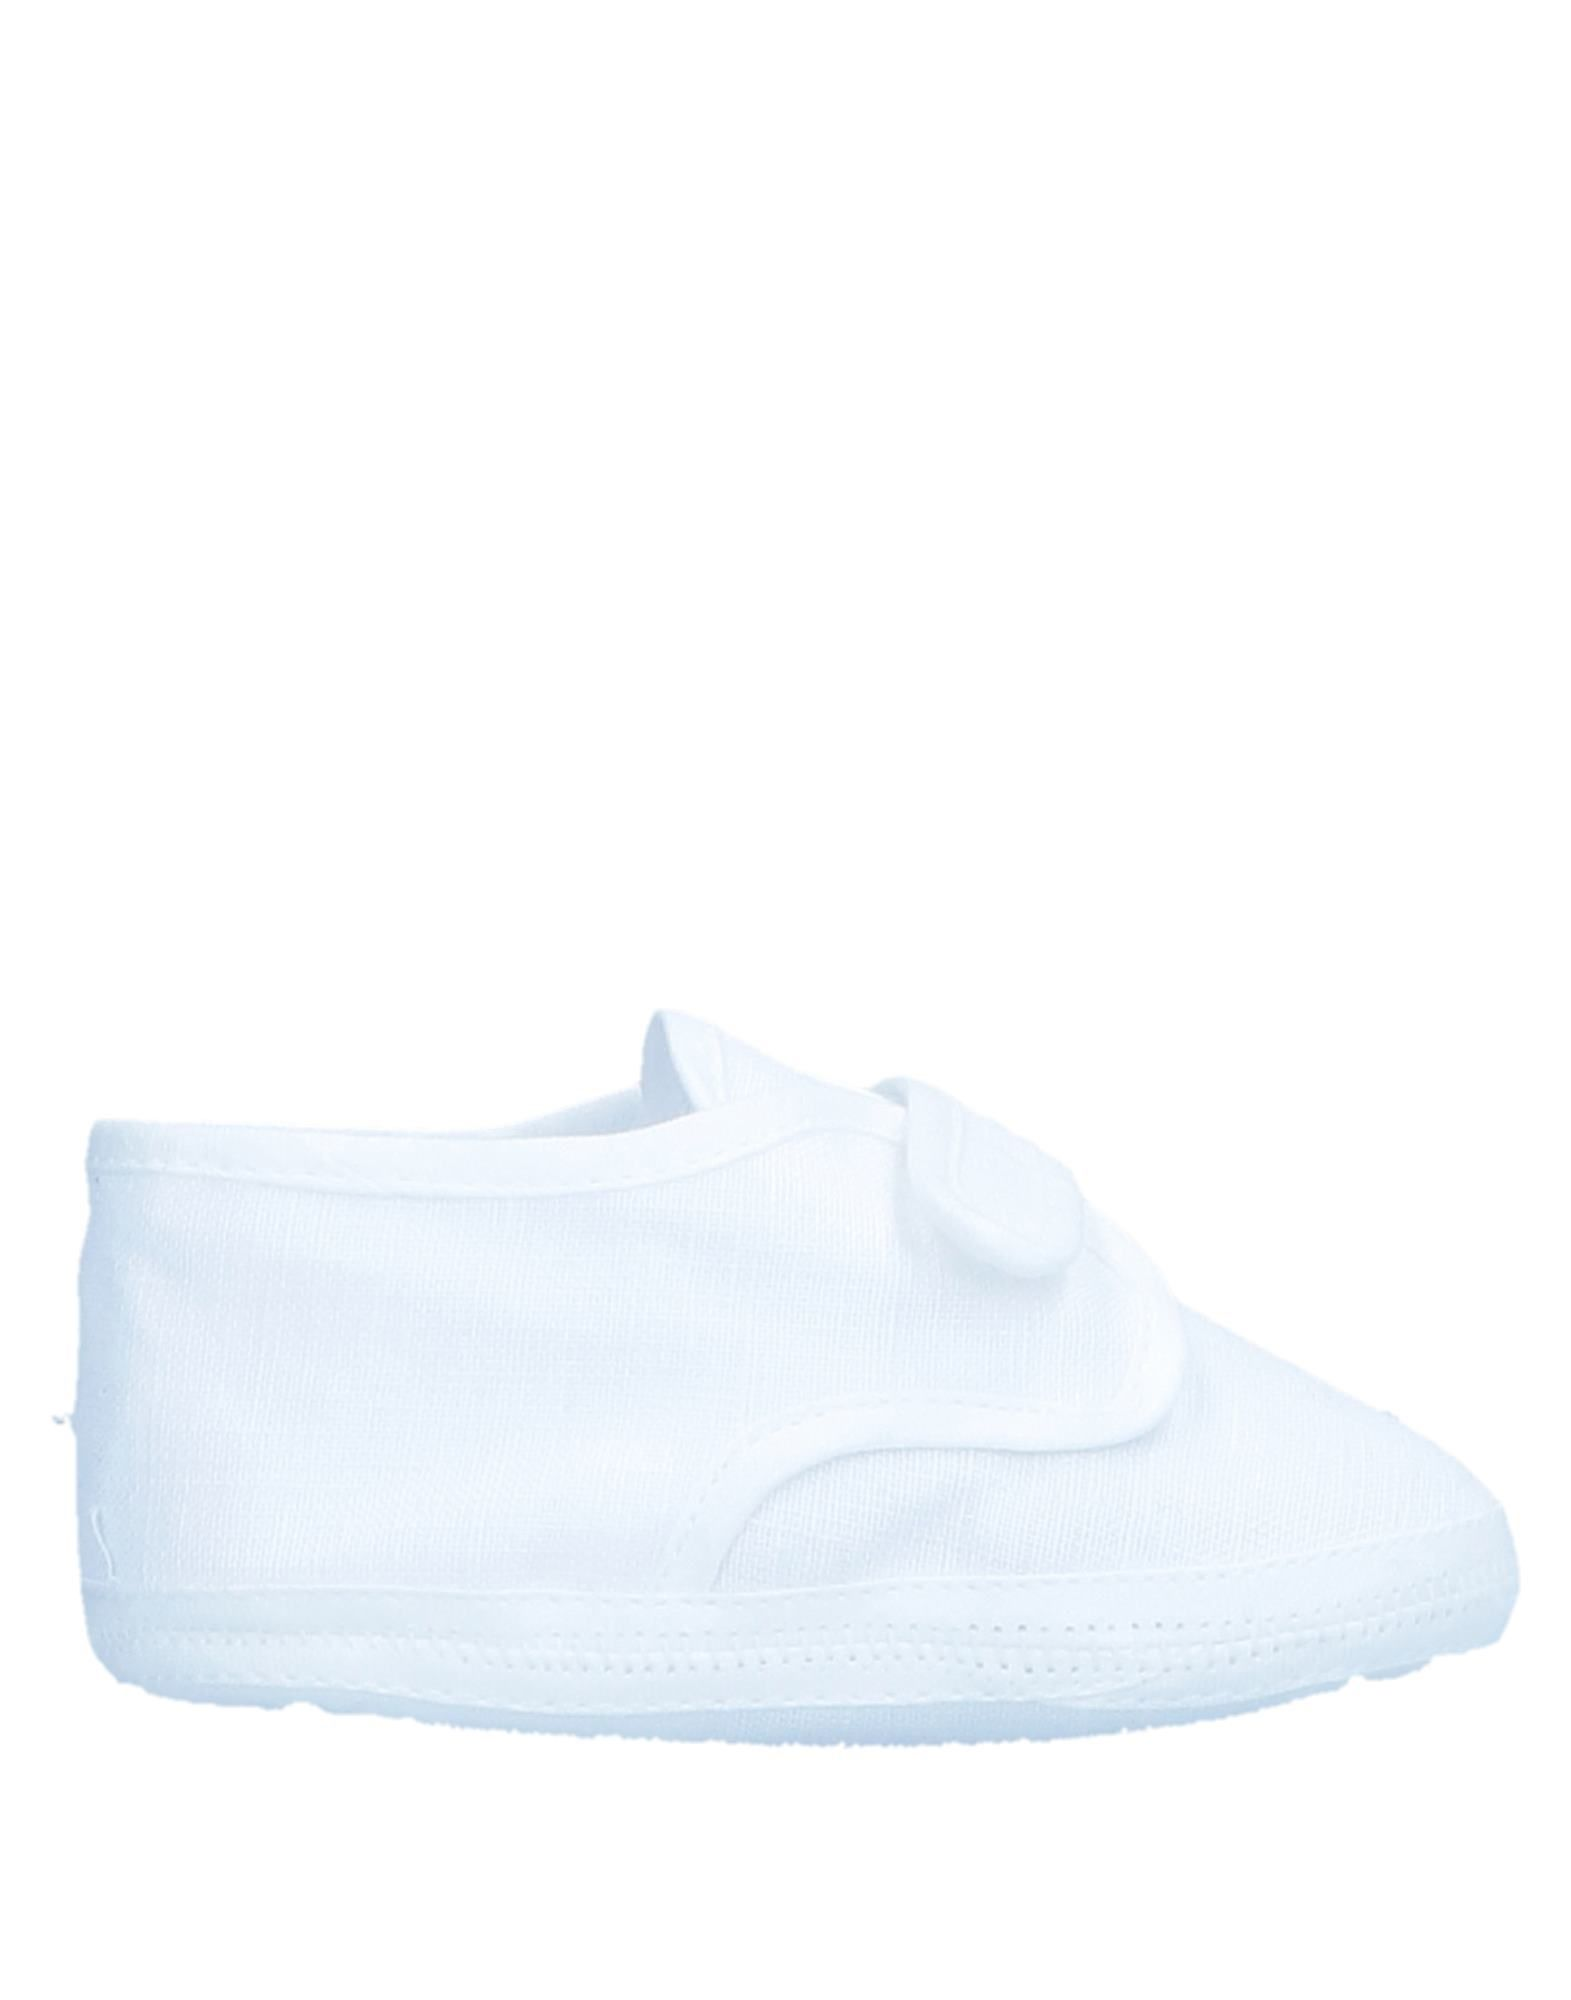 ALETTA Обувь для новорожденных обувь для детей